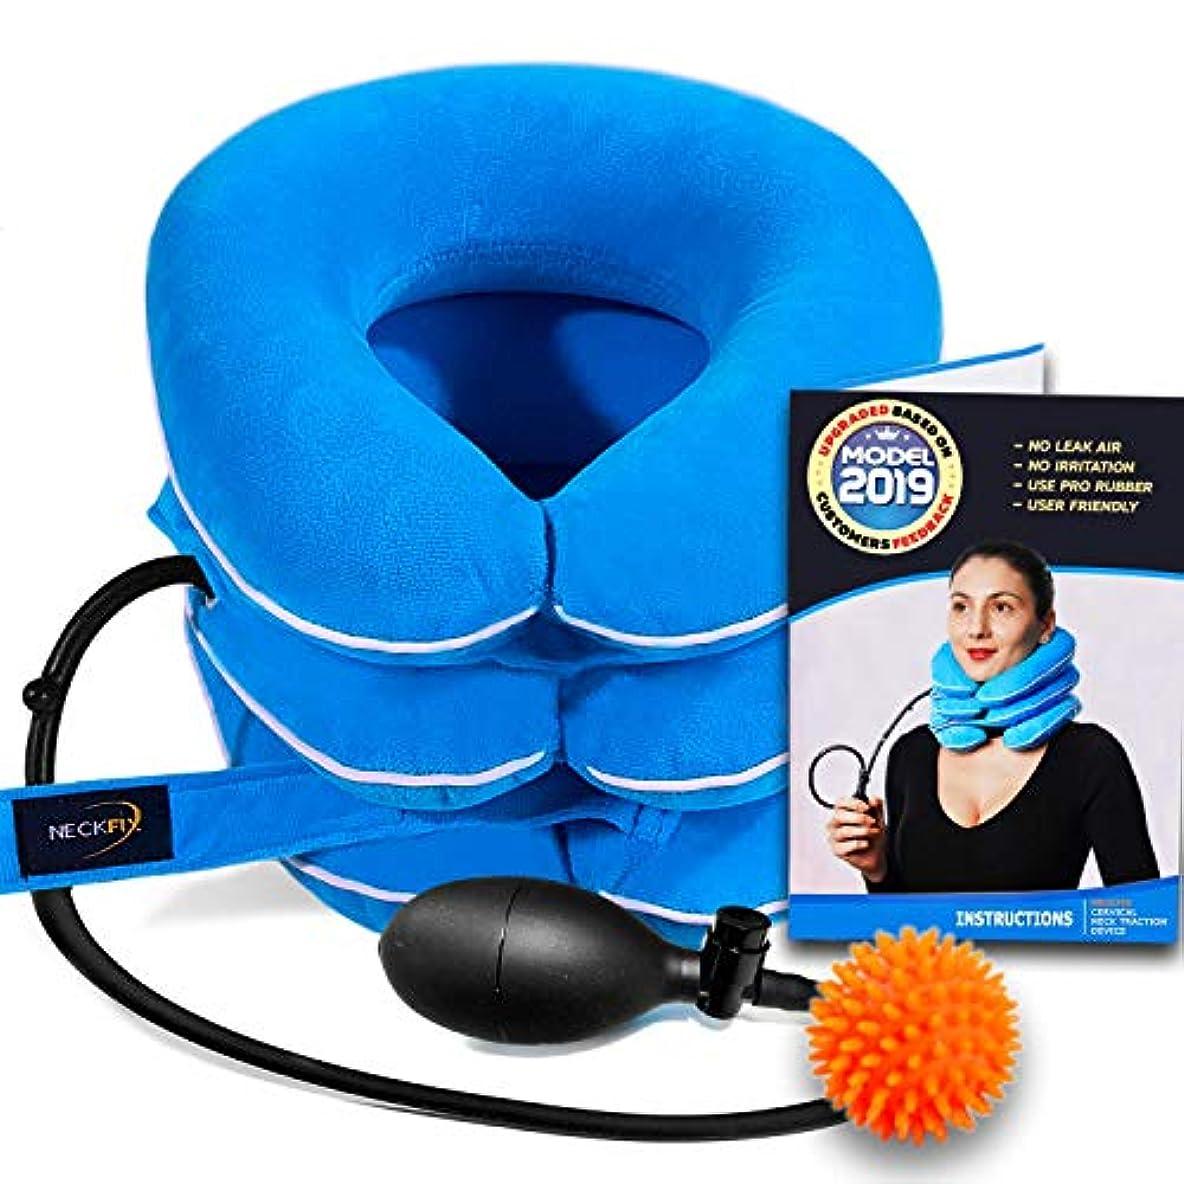 シーサイドゆるいできたCervical Neck Traction Device by NeckFix for Instant Neck Pain Relief [FDA Approved] - Adjustable Neck Stretcher...